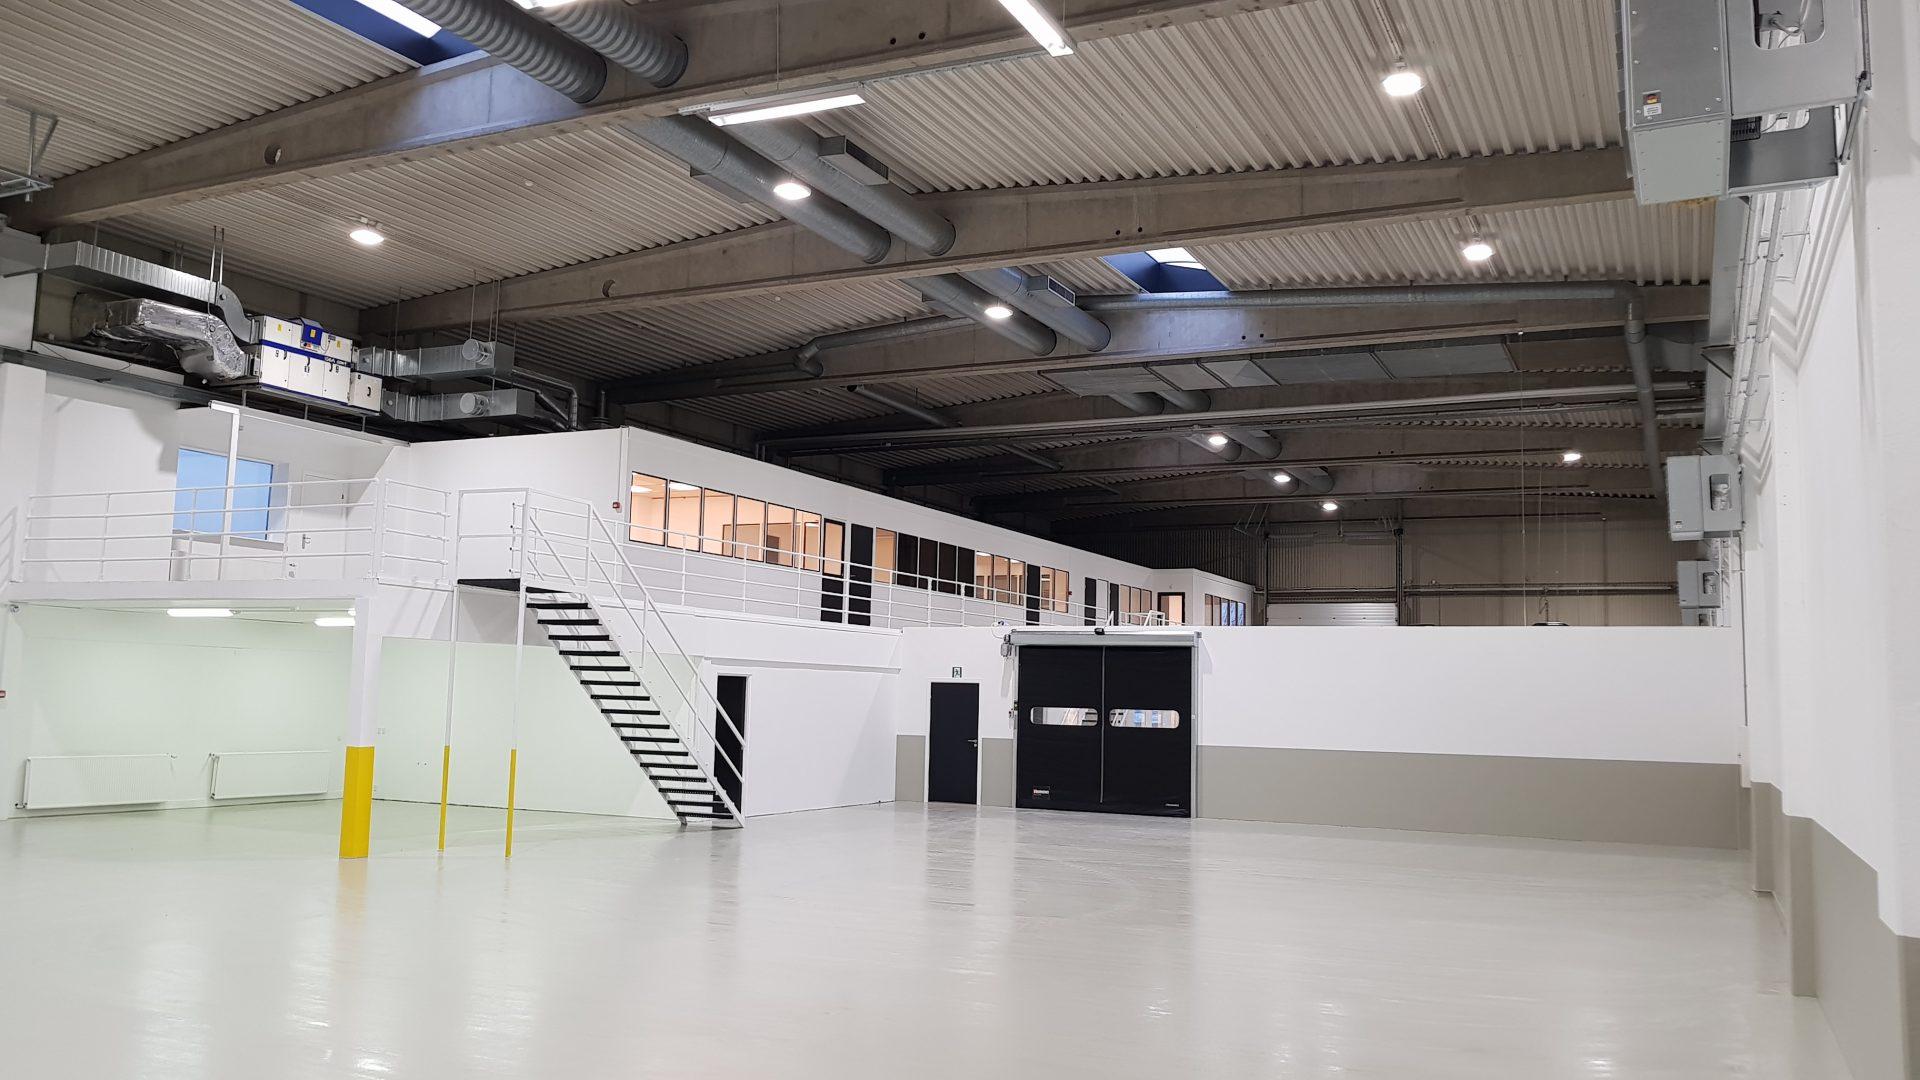 Dansk Bilglas lejer 1.300 m² værkstedshal af Stensdal Group og har store forventninger til ny Brøndbyafdeling